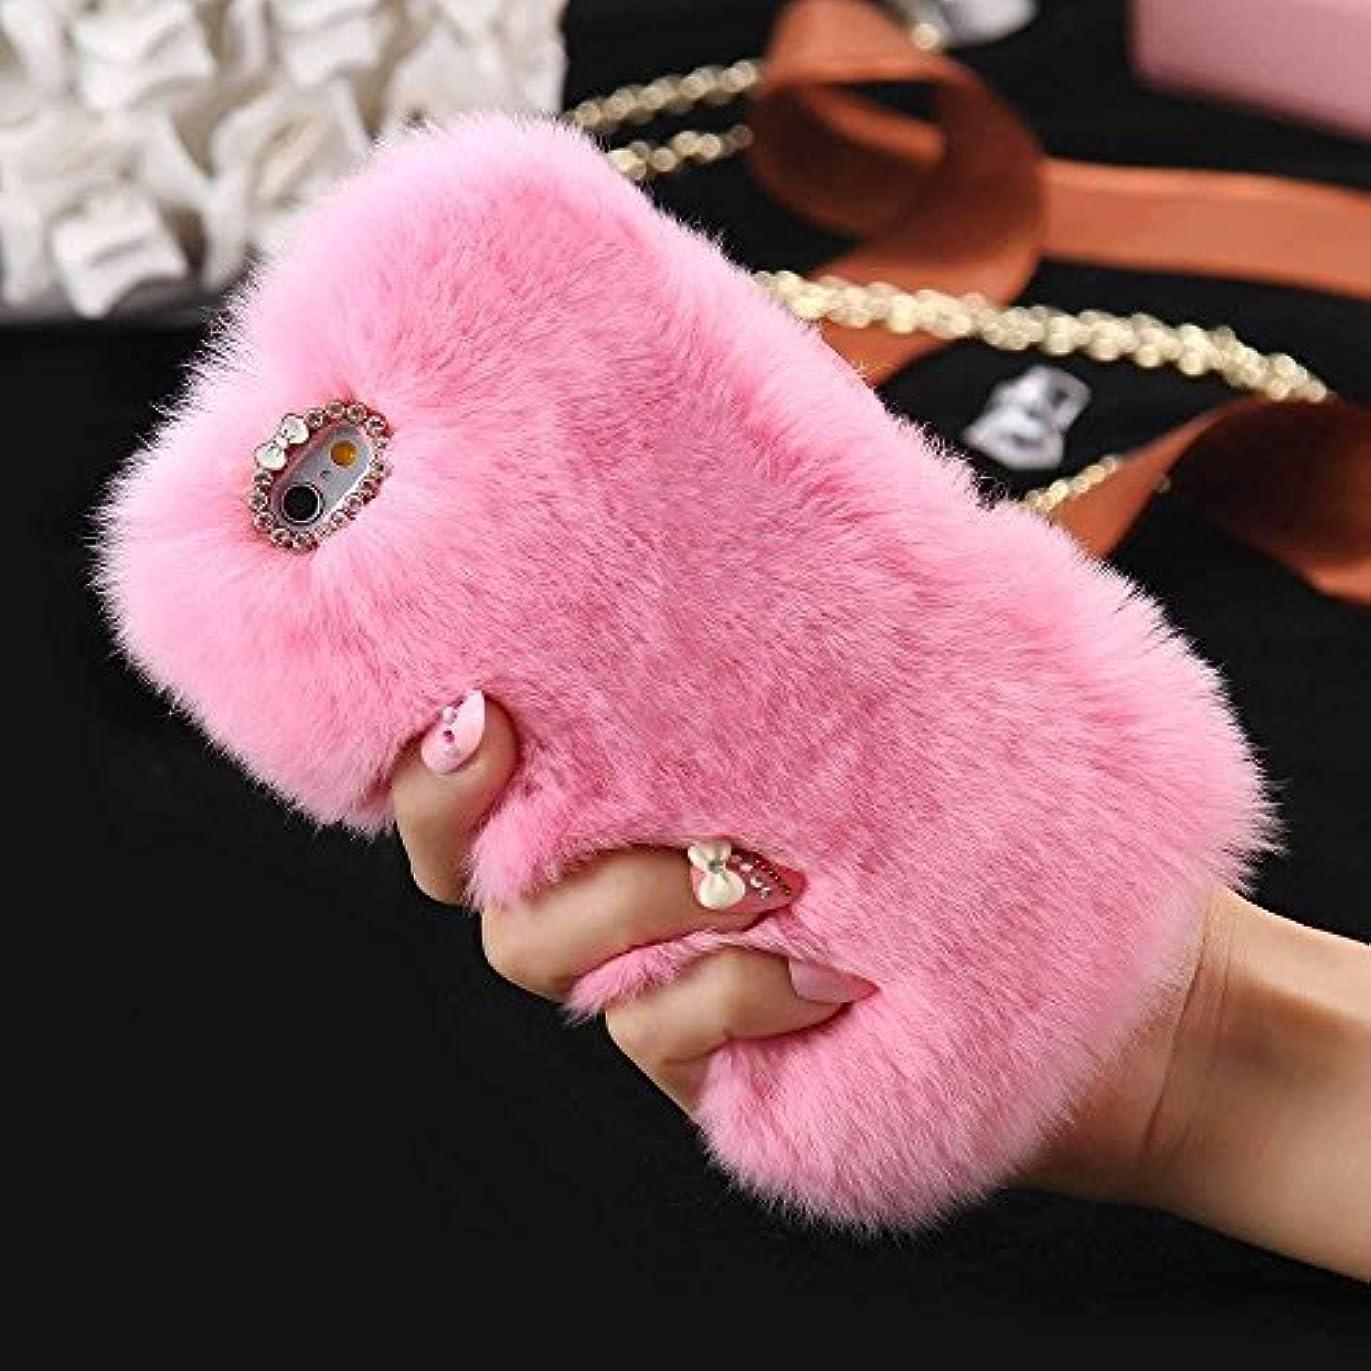 メンテナンス悪因子バーガーiPhone 7 ケース おしゃれ INorton 保護カバー 耐衝撃 軽量 薄型 女の子 かわいい 冬に最適 iPhone 7対応